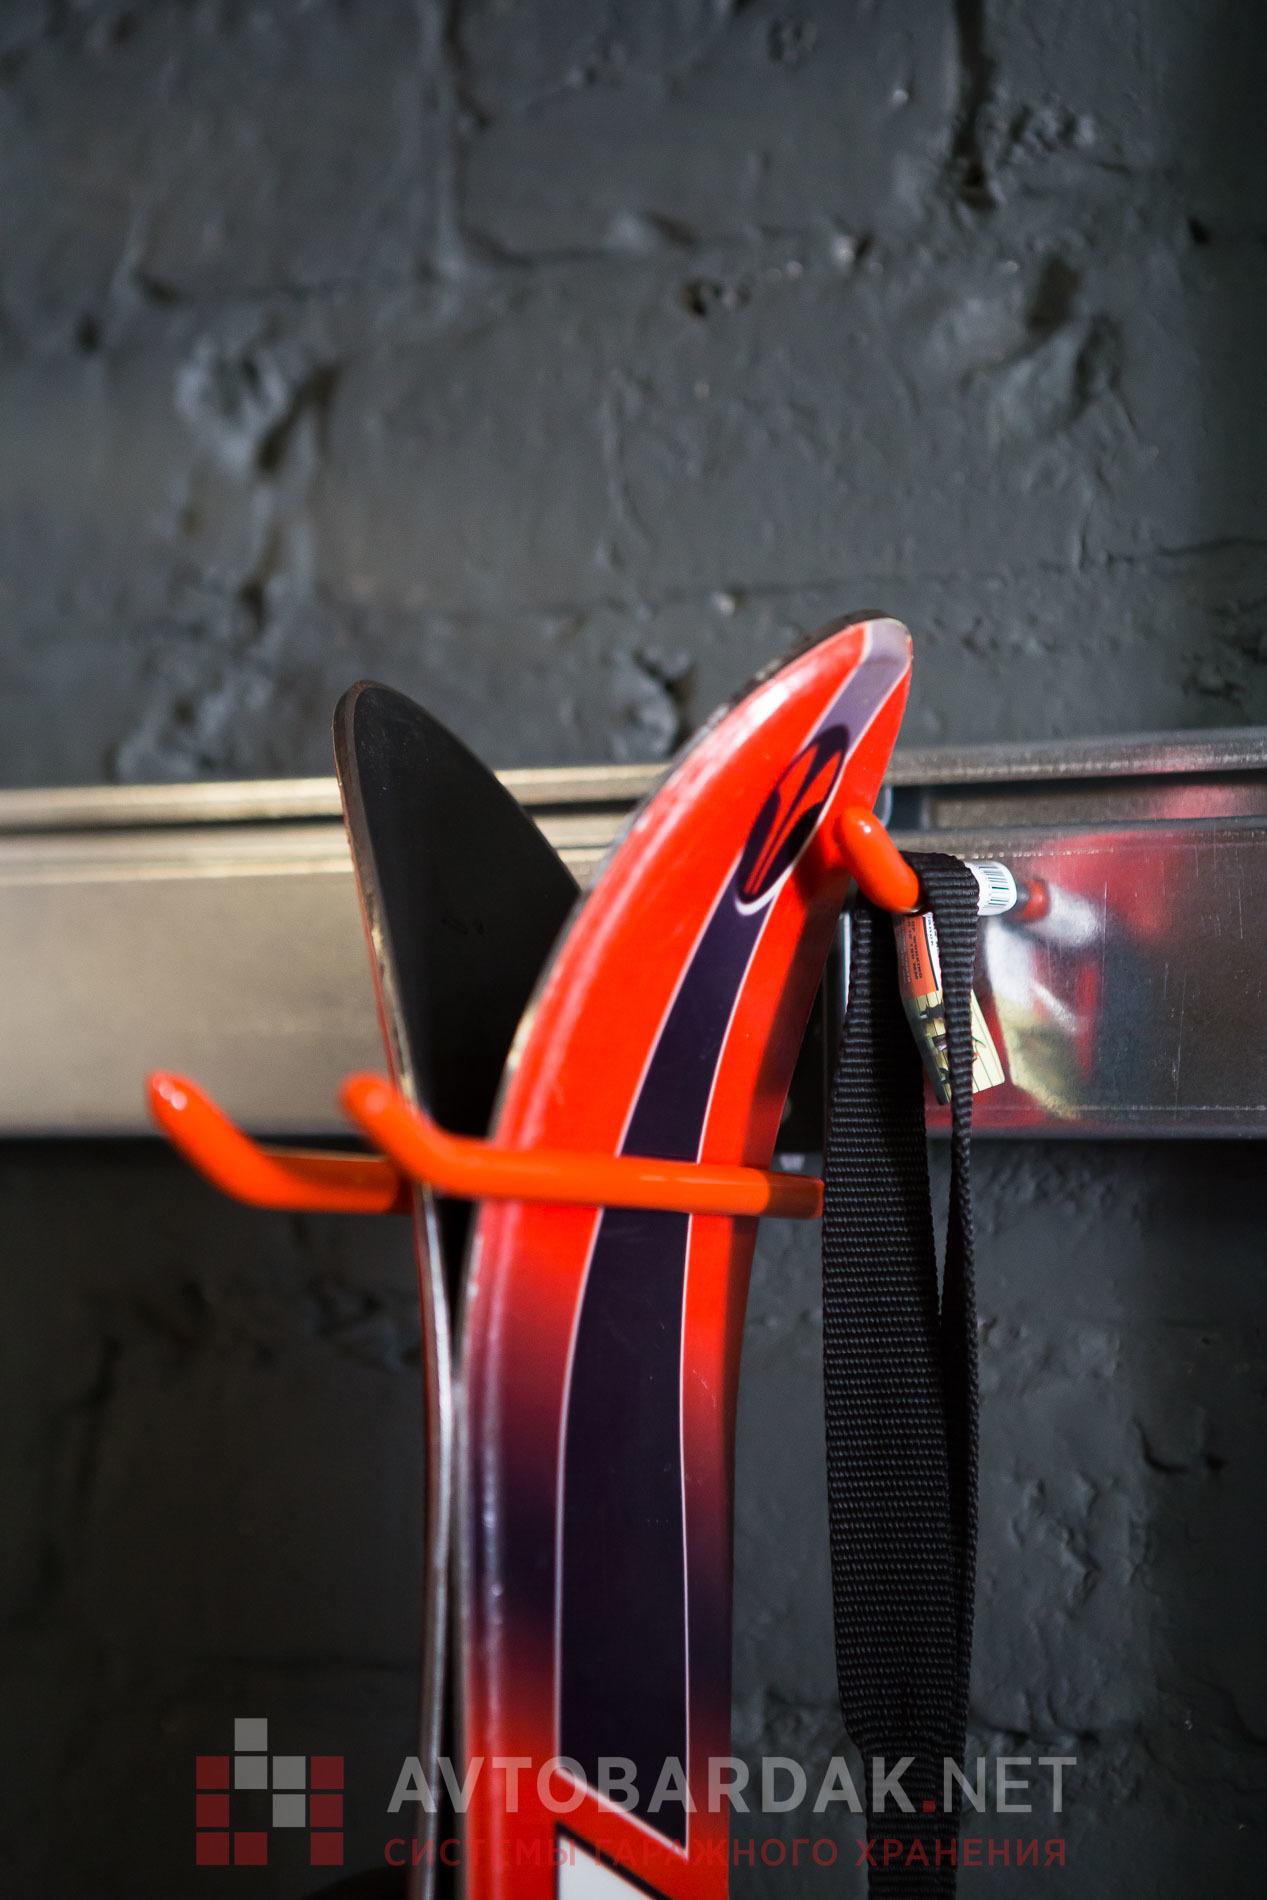 Рейлинг из оцинкованной стали, 1200 мм для инструментов и инвентаря (крепление к стене)